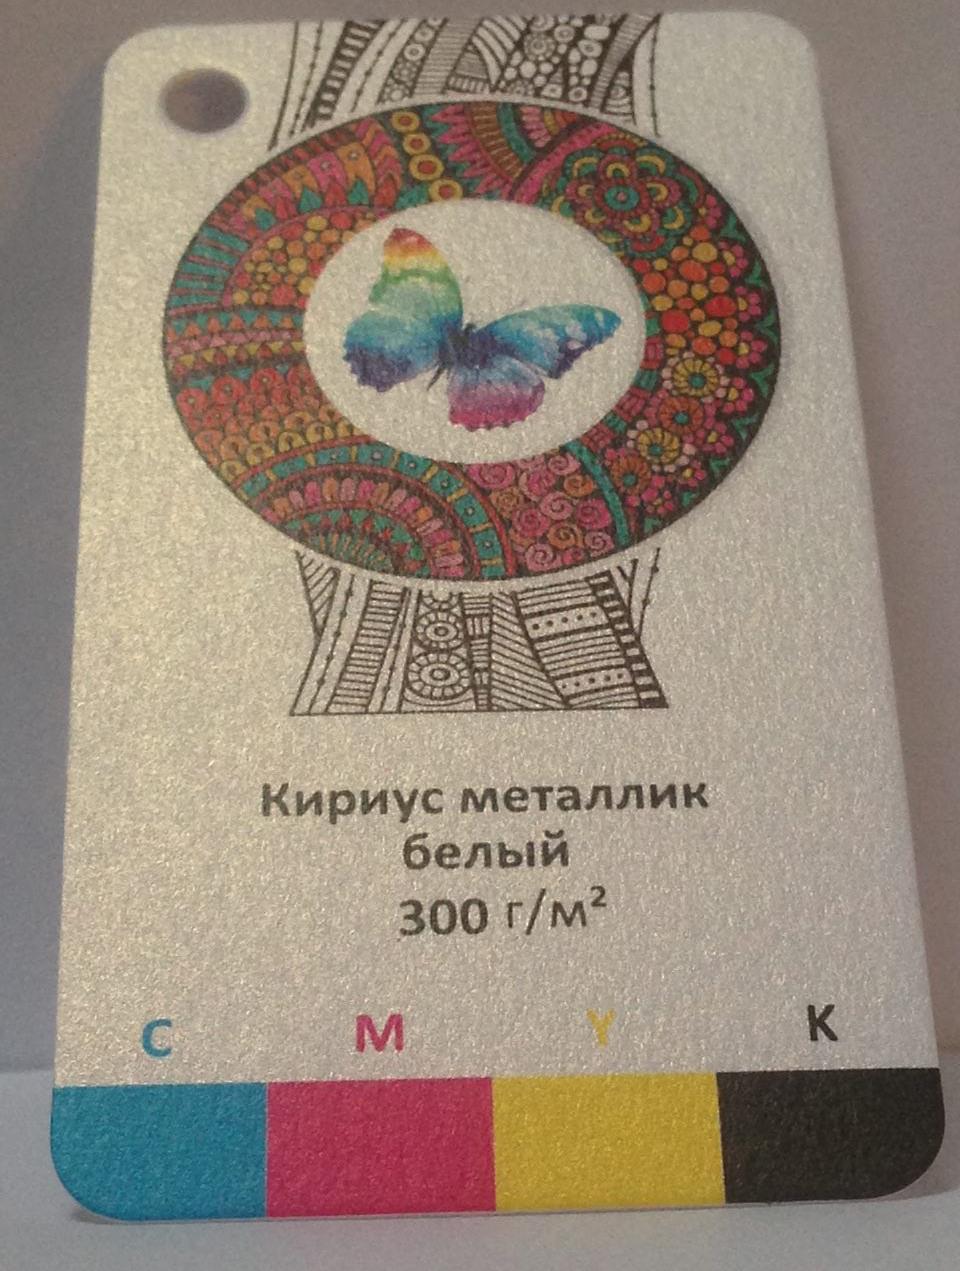 Кириус металлик